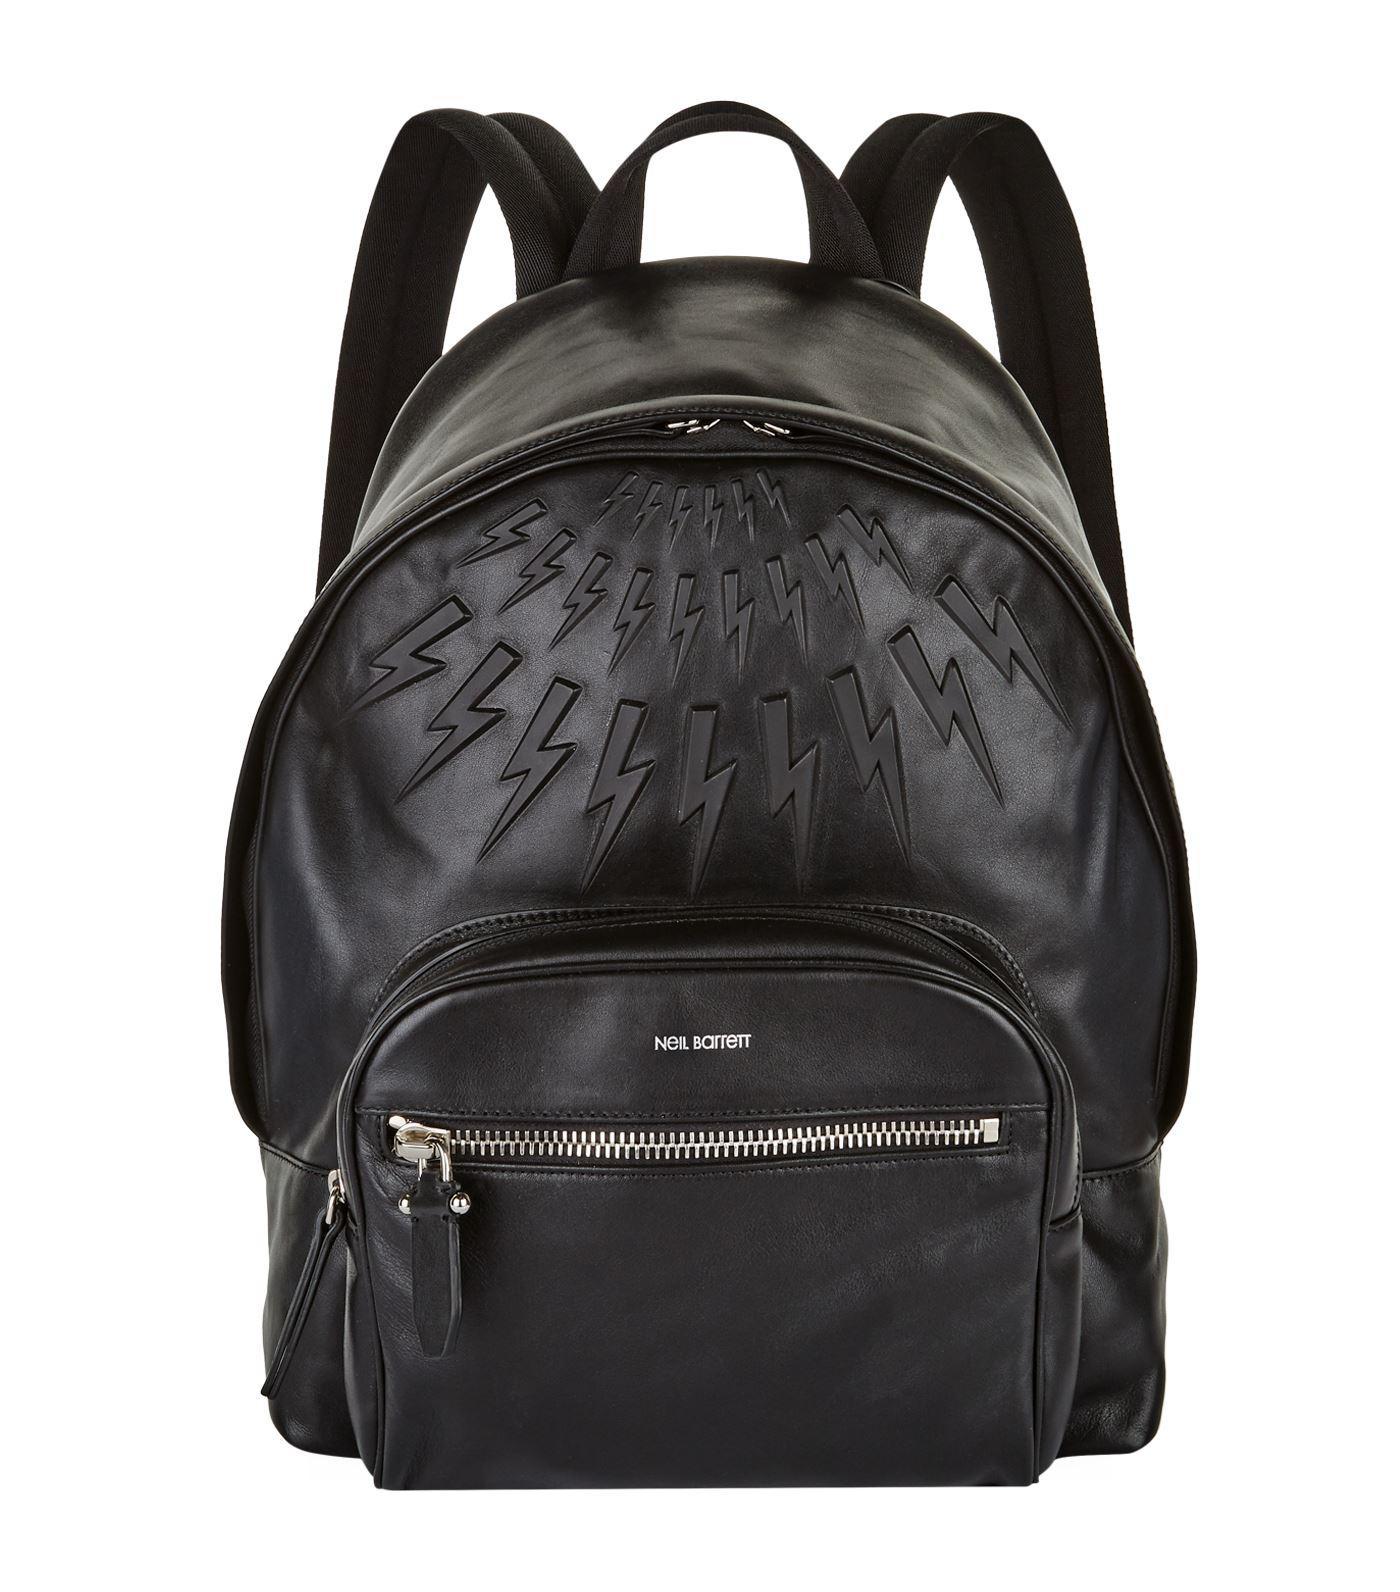 Neil Barrett Lightning-bolt embossed leather backpack For Sale Cheap Online ZHiBYY